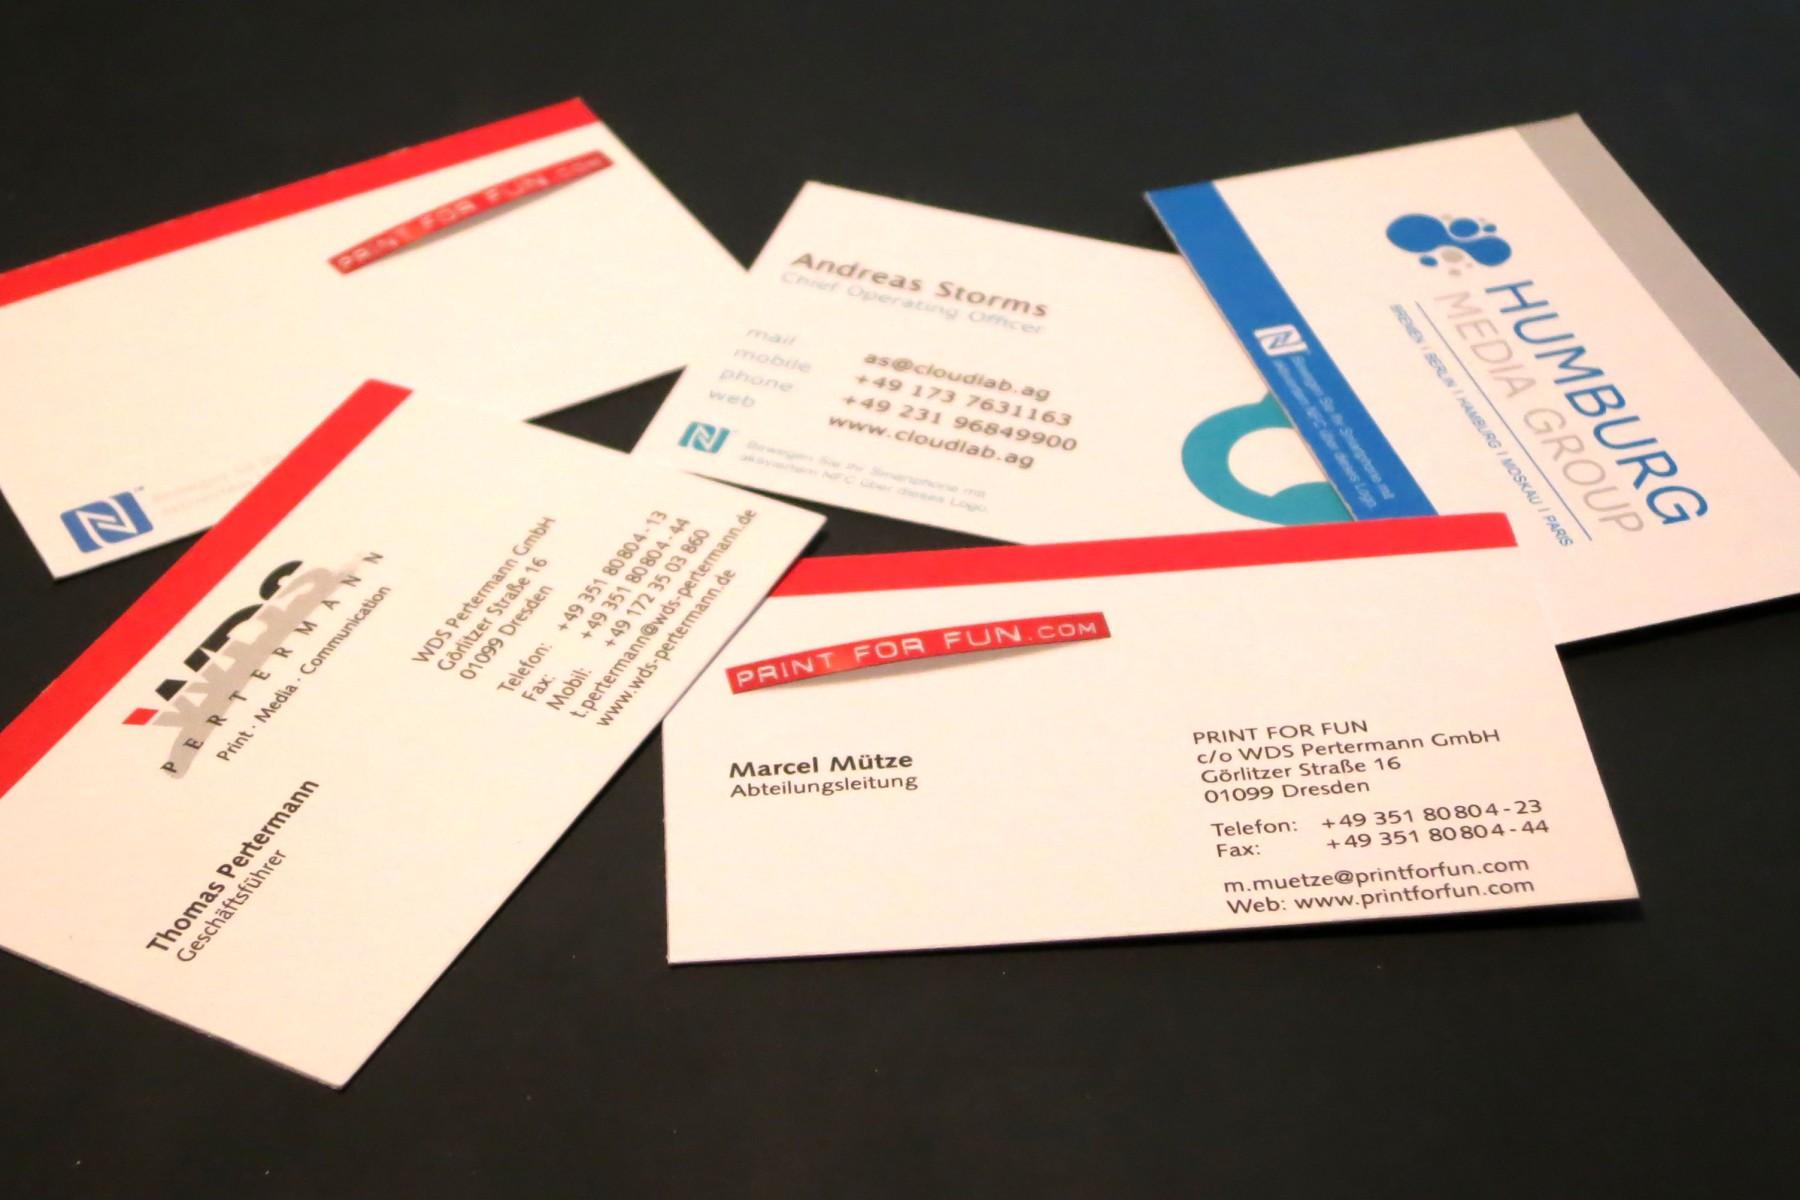 Visitenkarten mit NFC